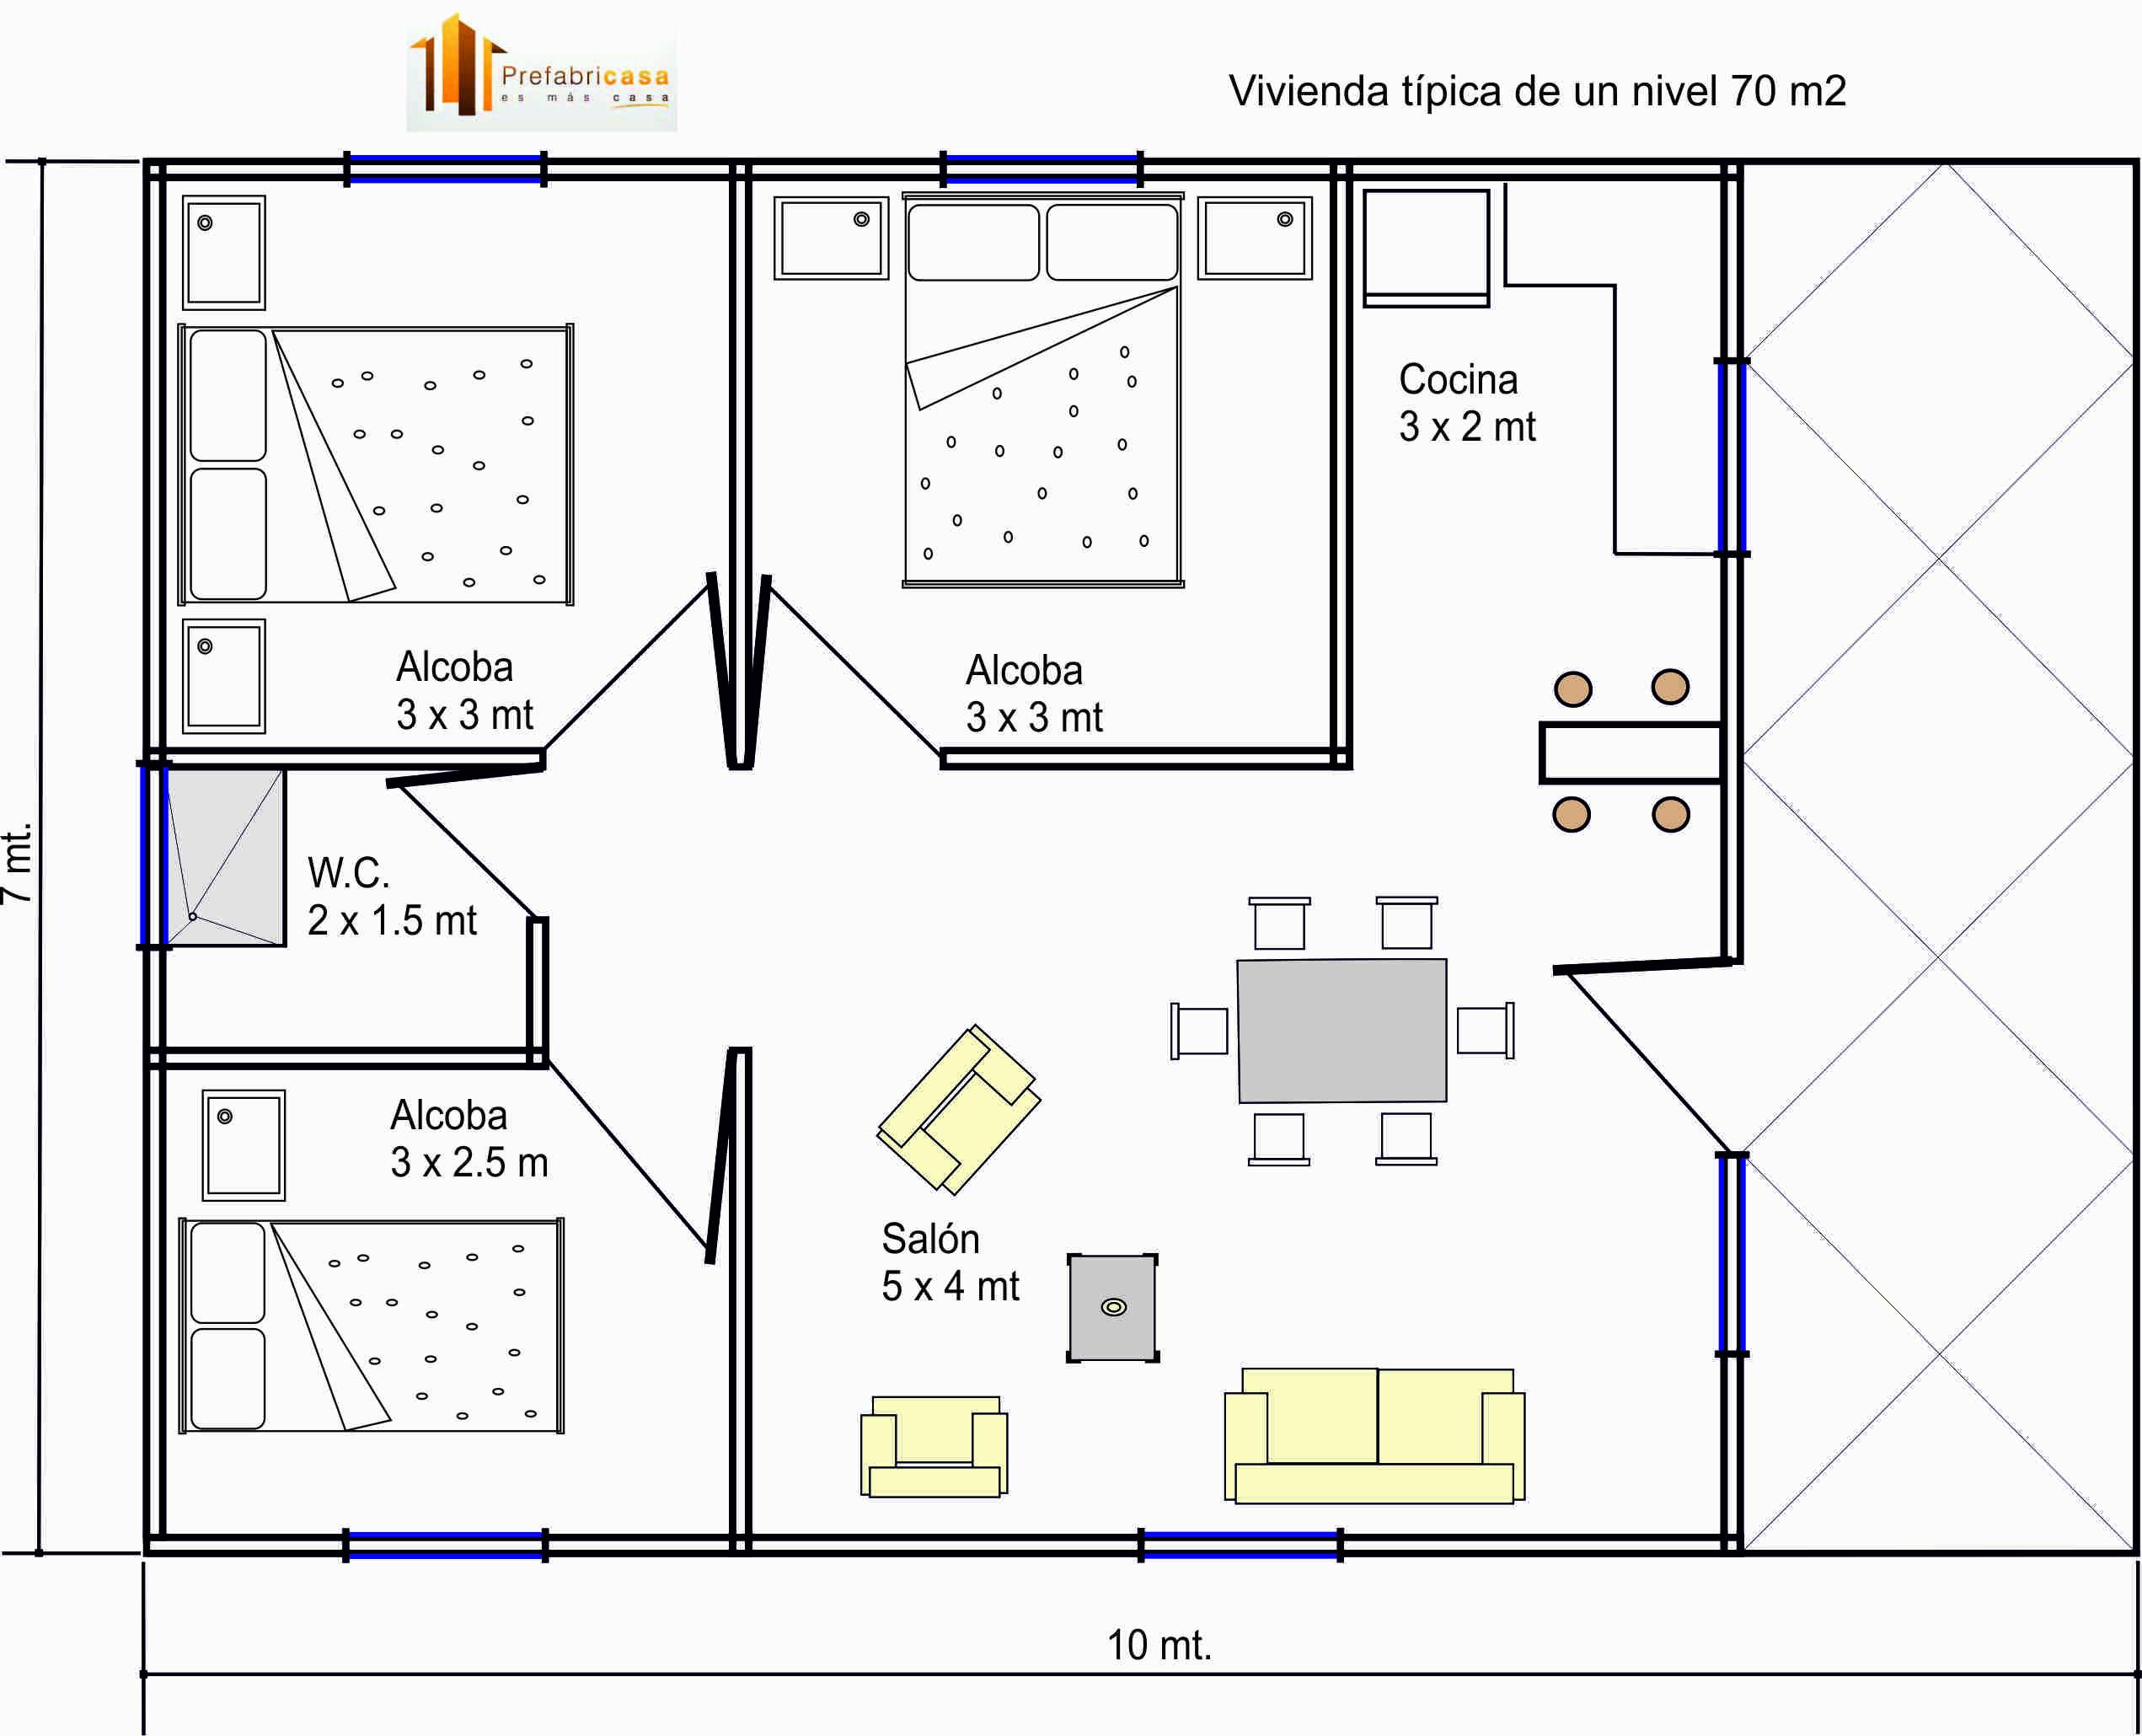 Ejercicios de pronombres personales natacion rutina - Como hacer una casa prefabricada ...